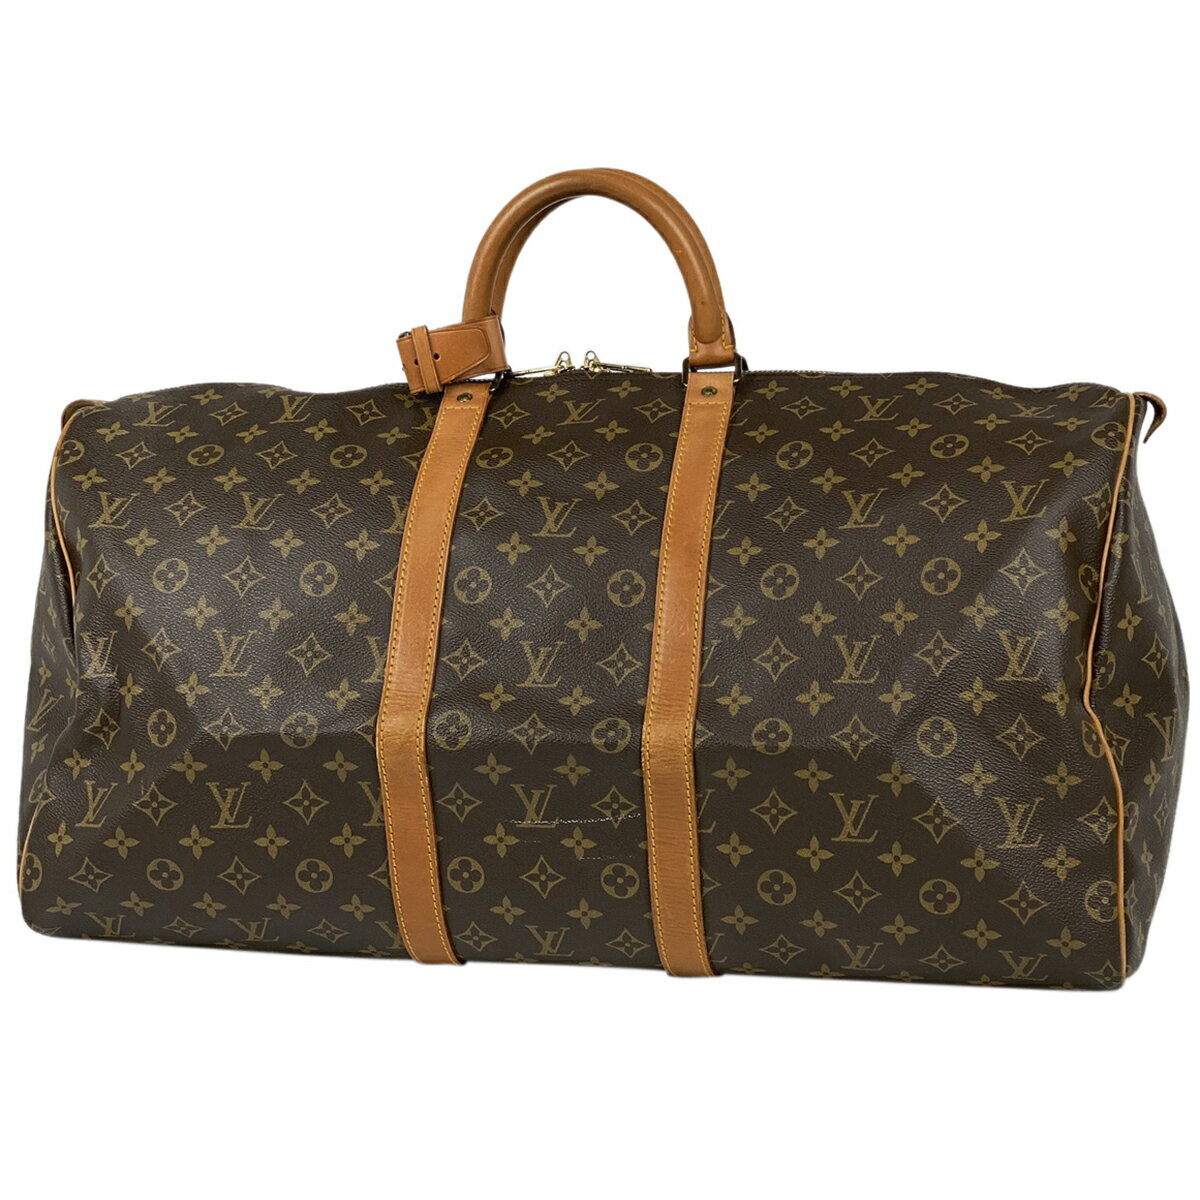 レディースバッグ, ボストンバッグ  Louis Vuitton 55 M41424